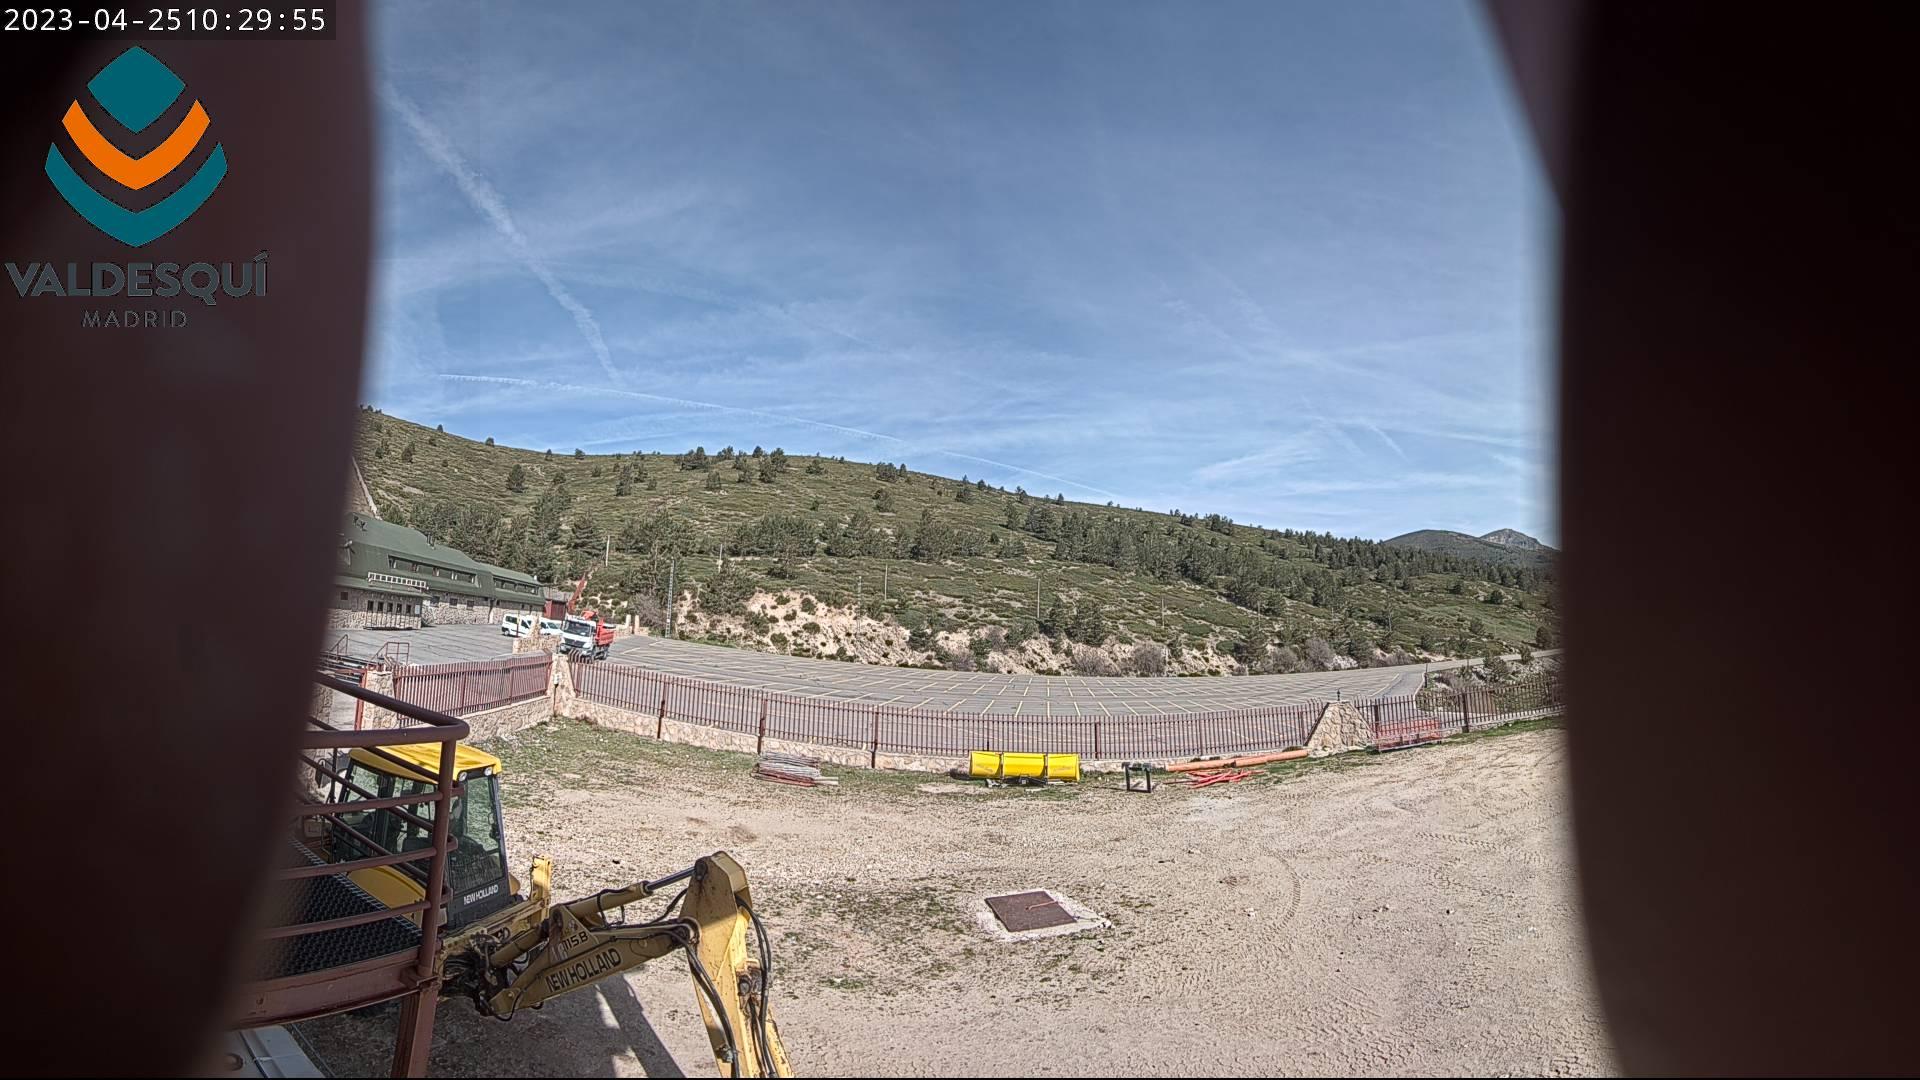 Valdesqui.es - Webcam - Aparcamiento